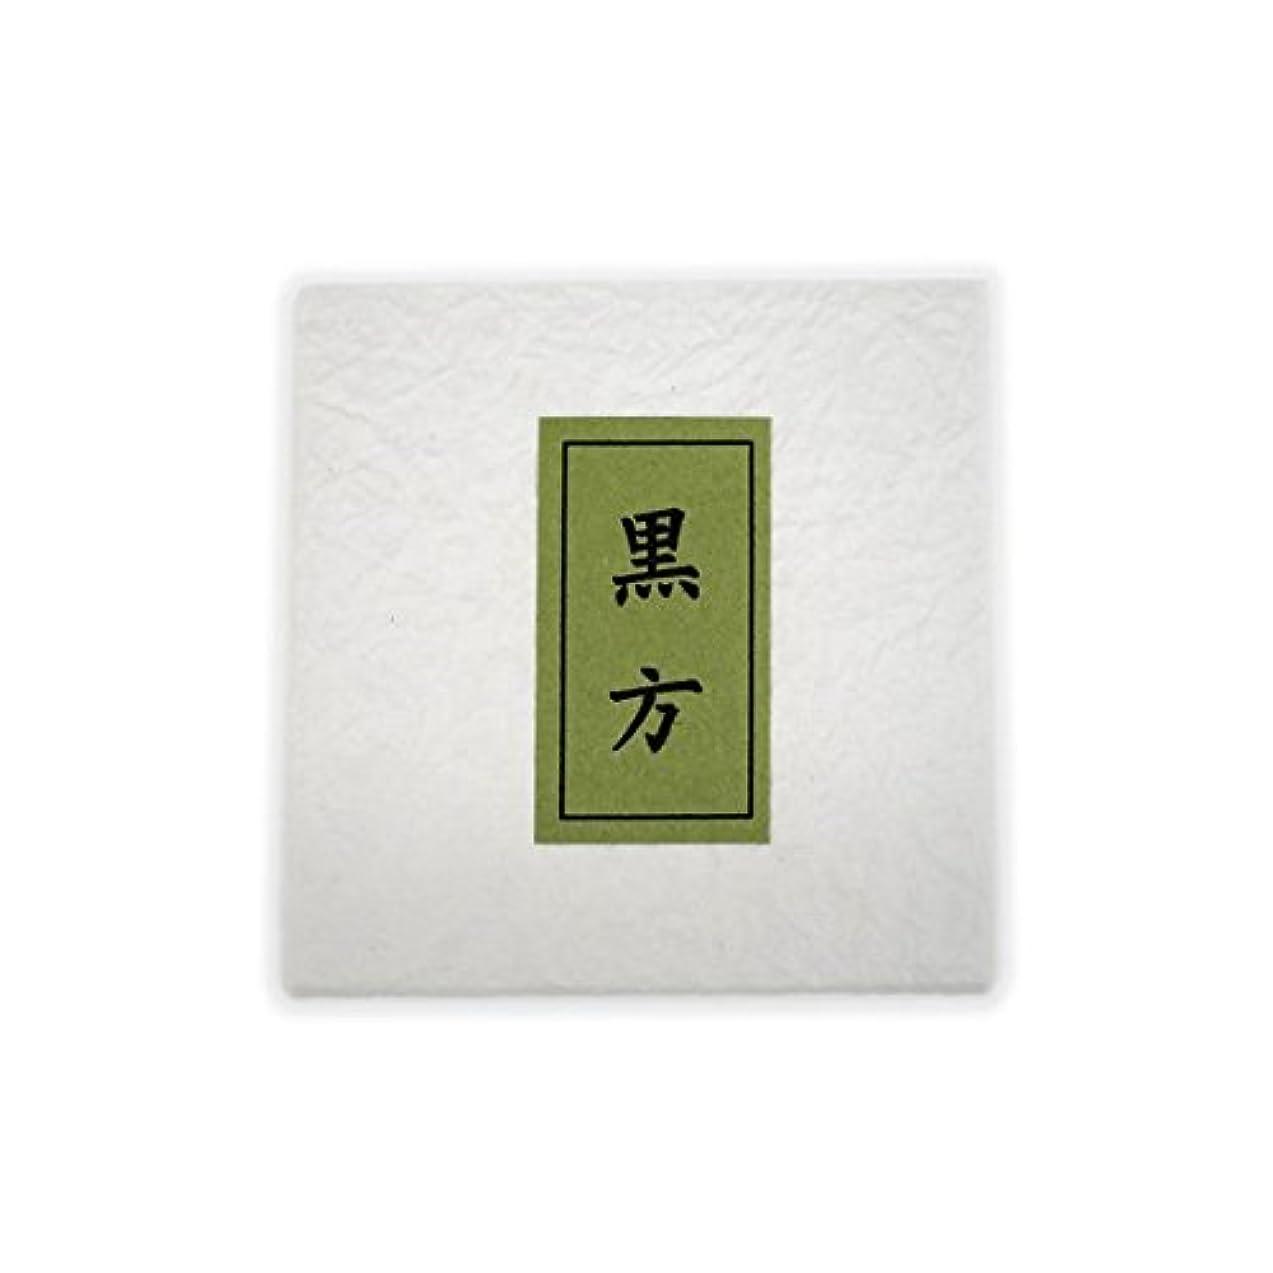 再生的電球ブランド名黒方 紙箱入(壷入)